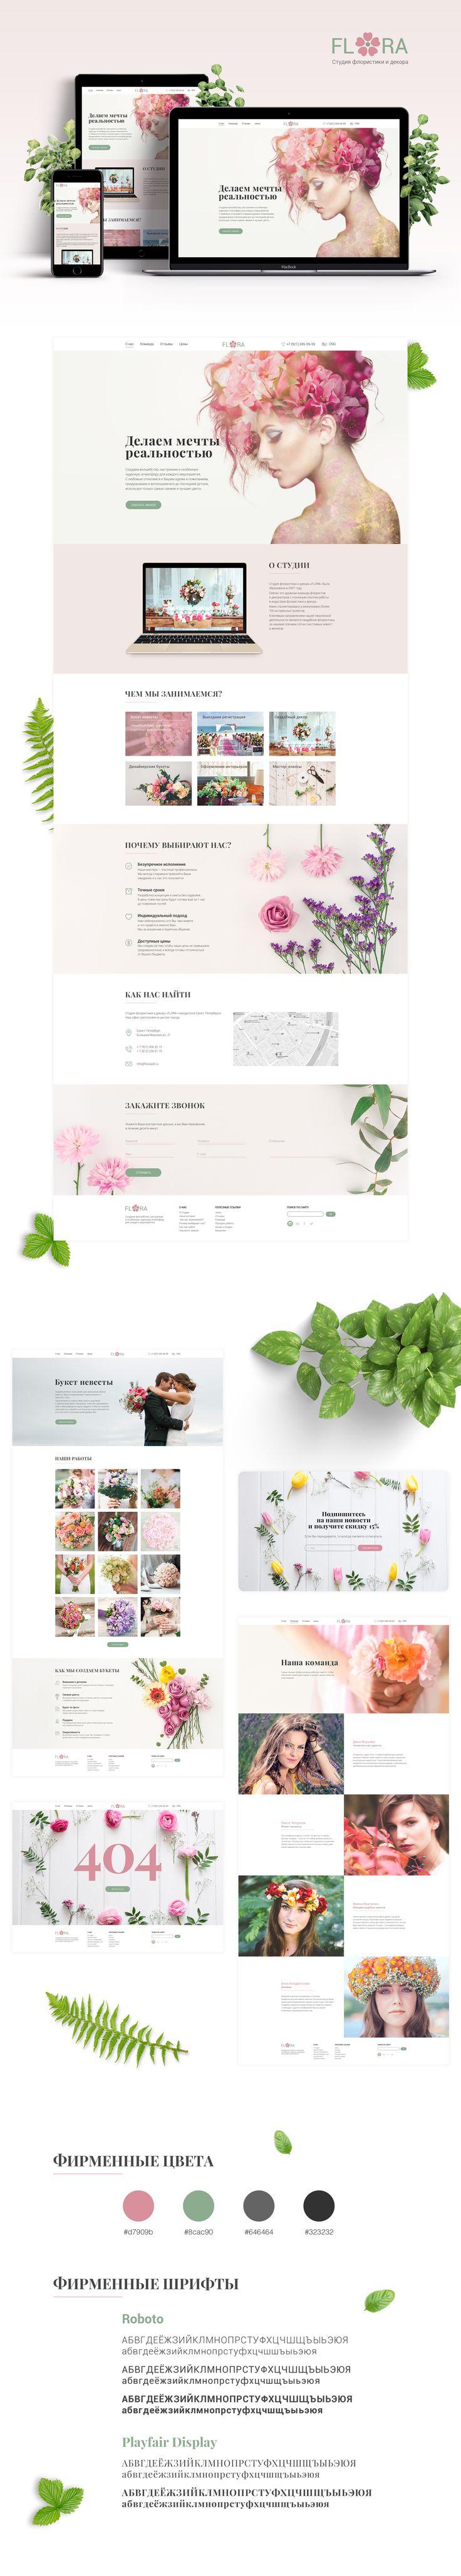 Дизайн сайта студии флористики и декора «Flora».